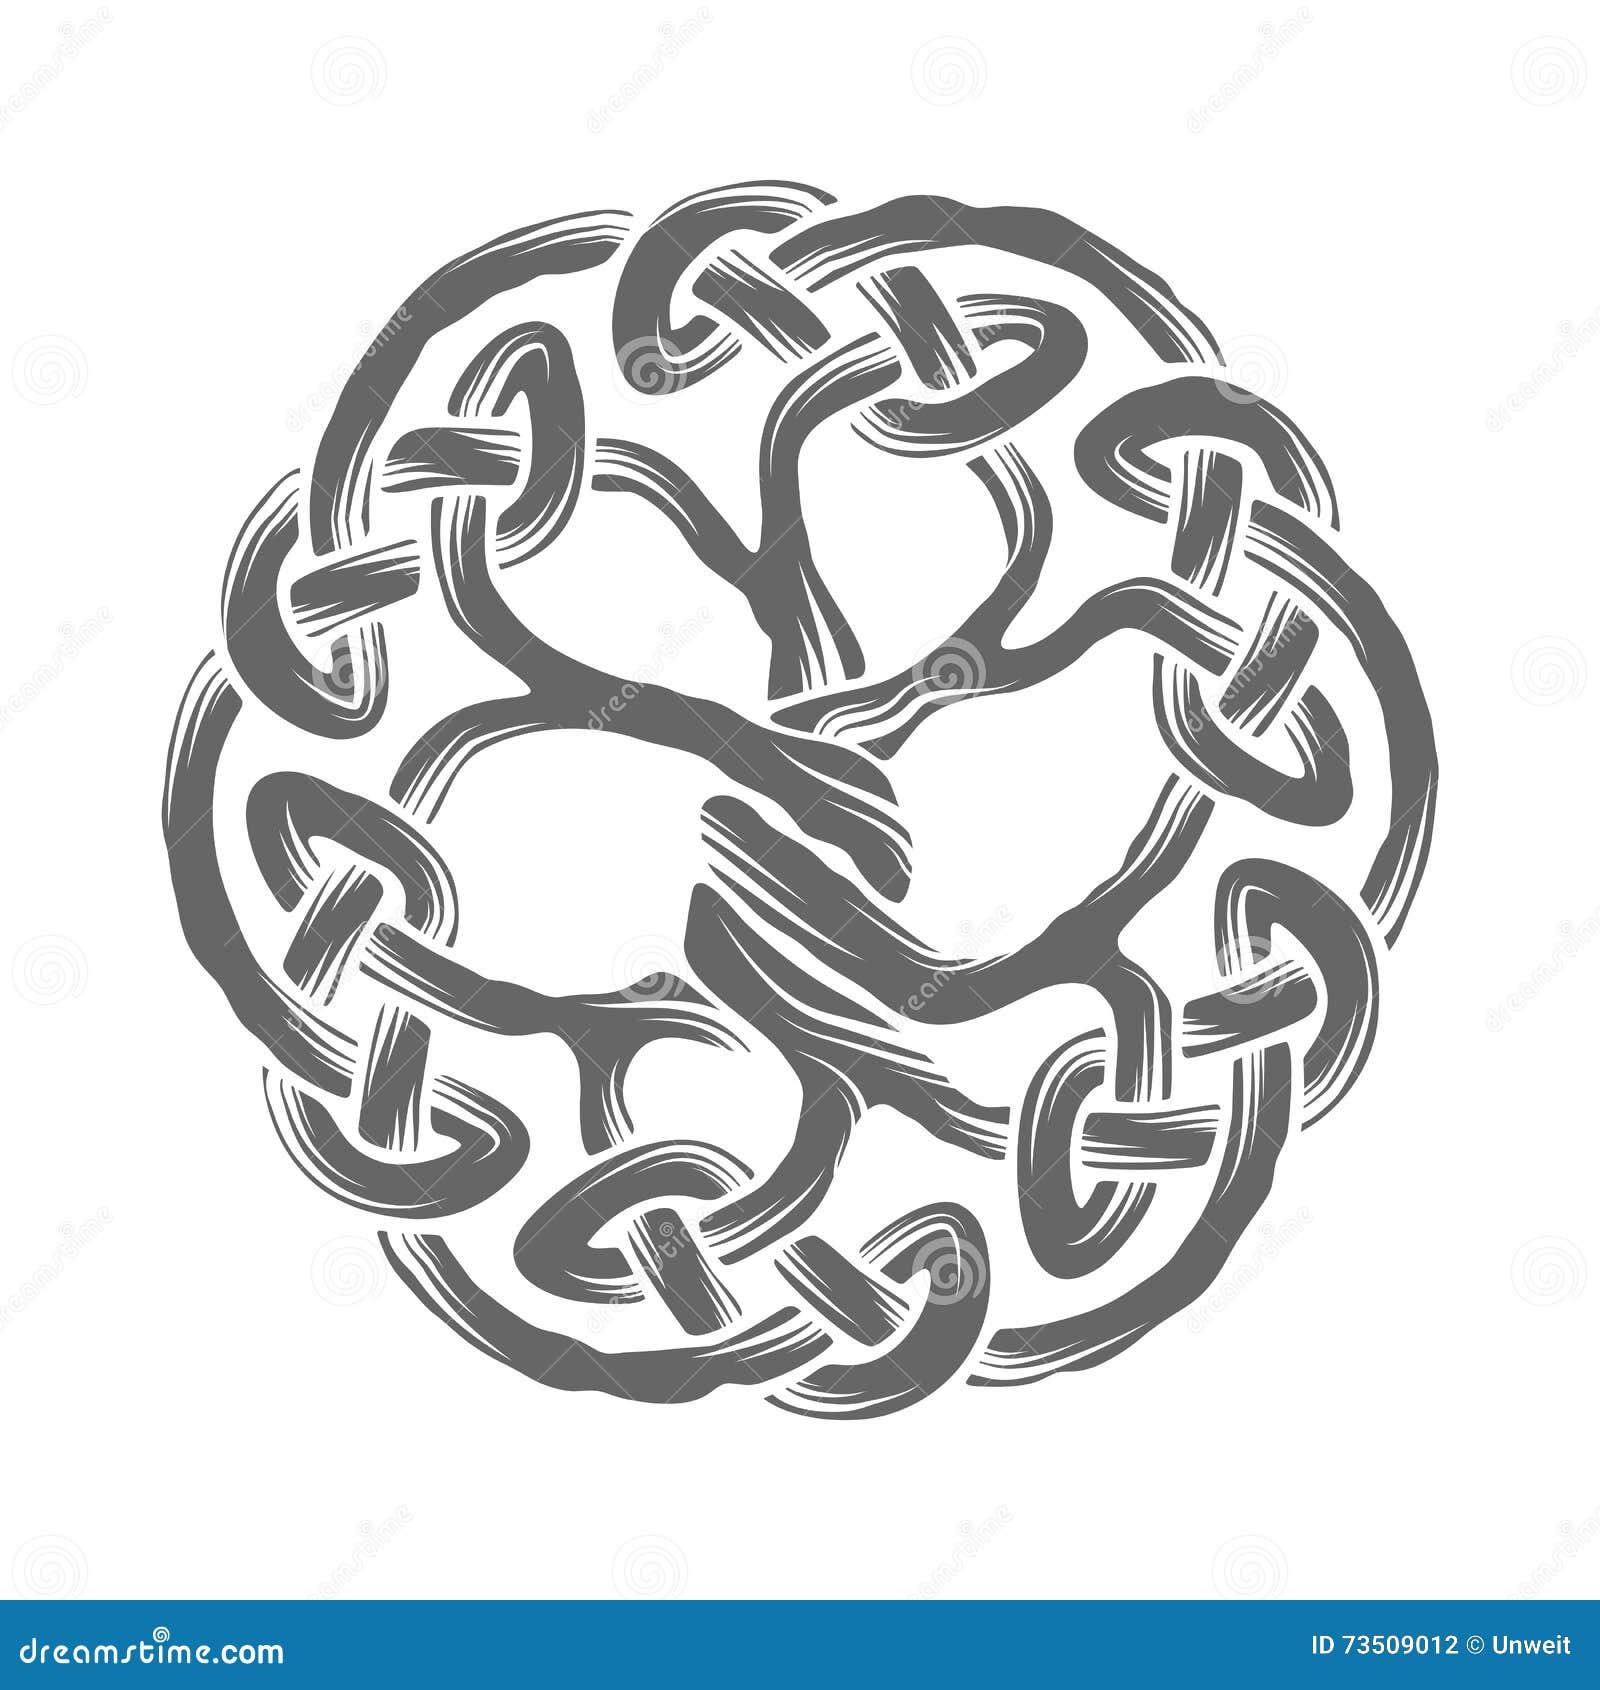 Tatouage arbre de vie celtique galerie tatouage - Symbole de la vie ...